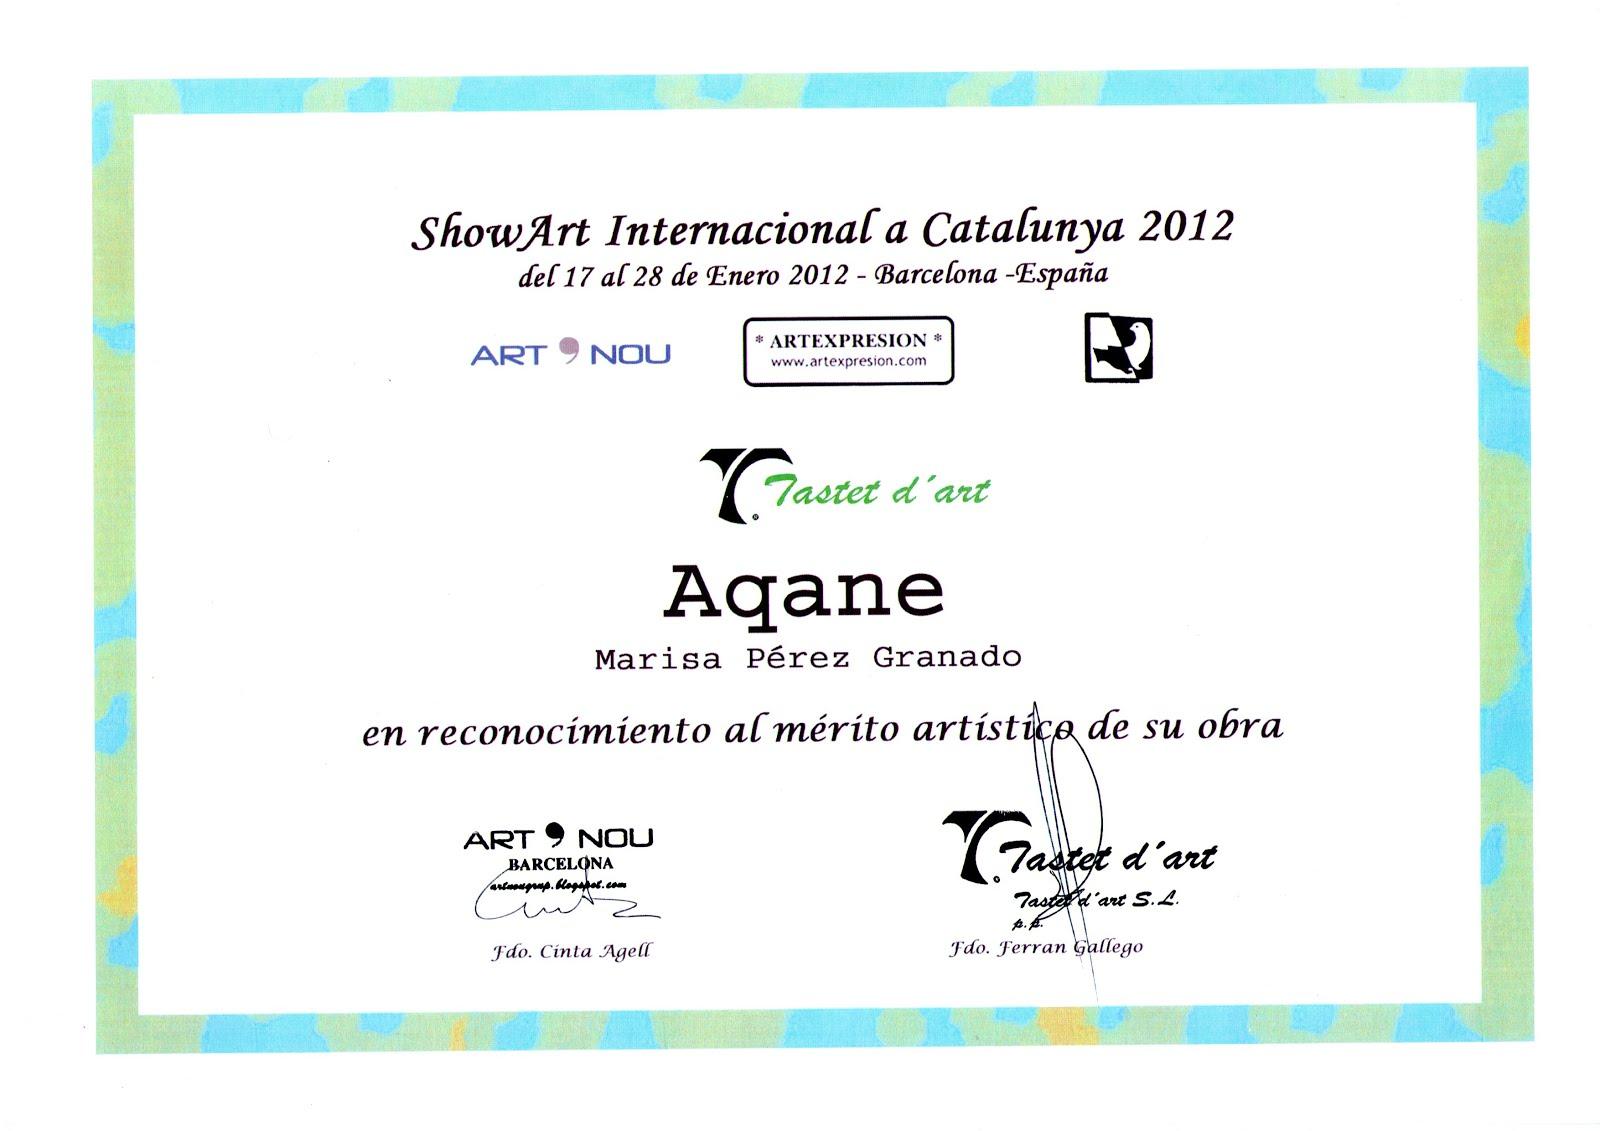 Show Art internacional a Catalunya 2012